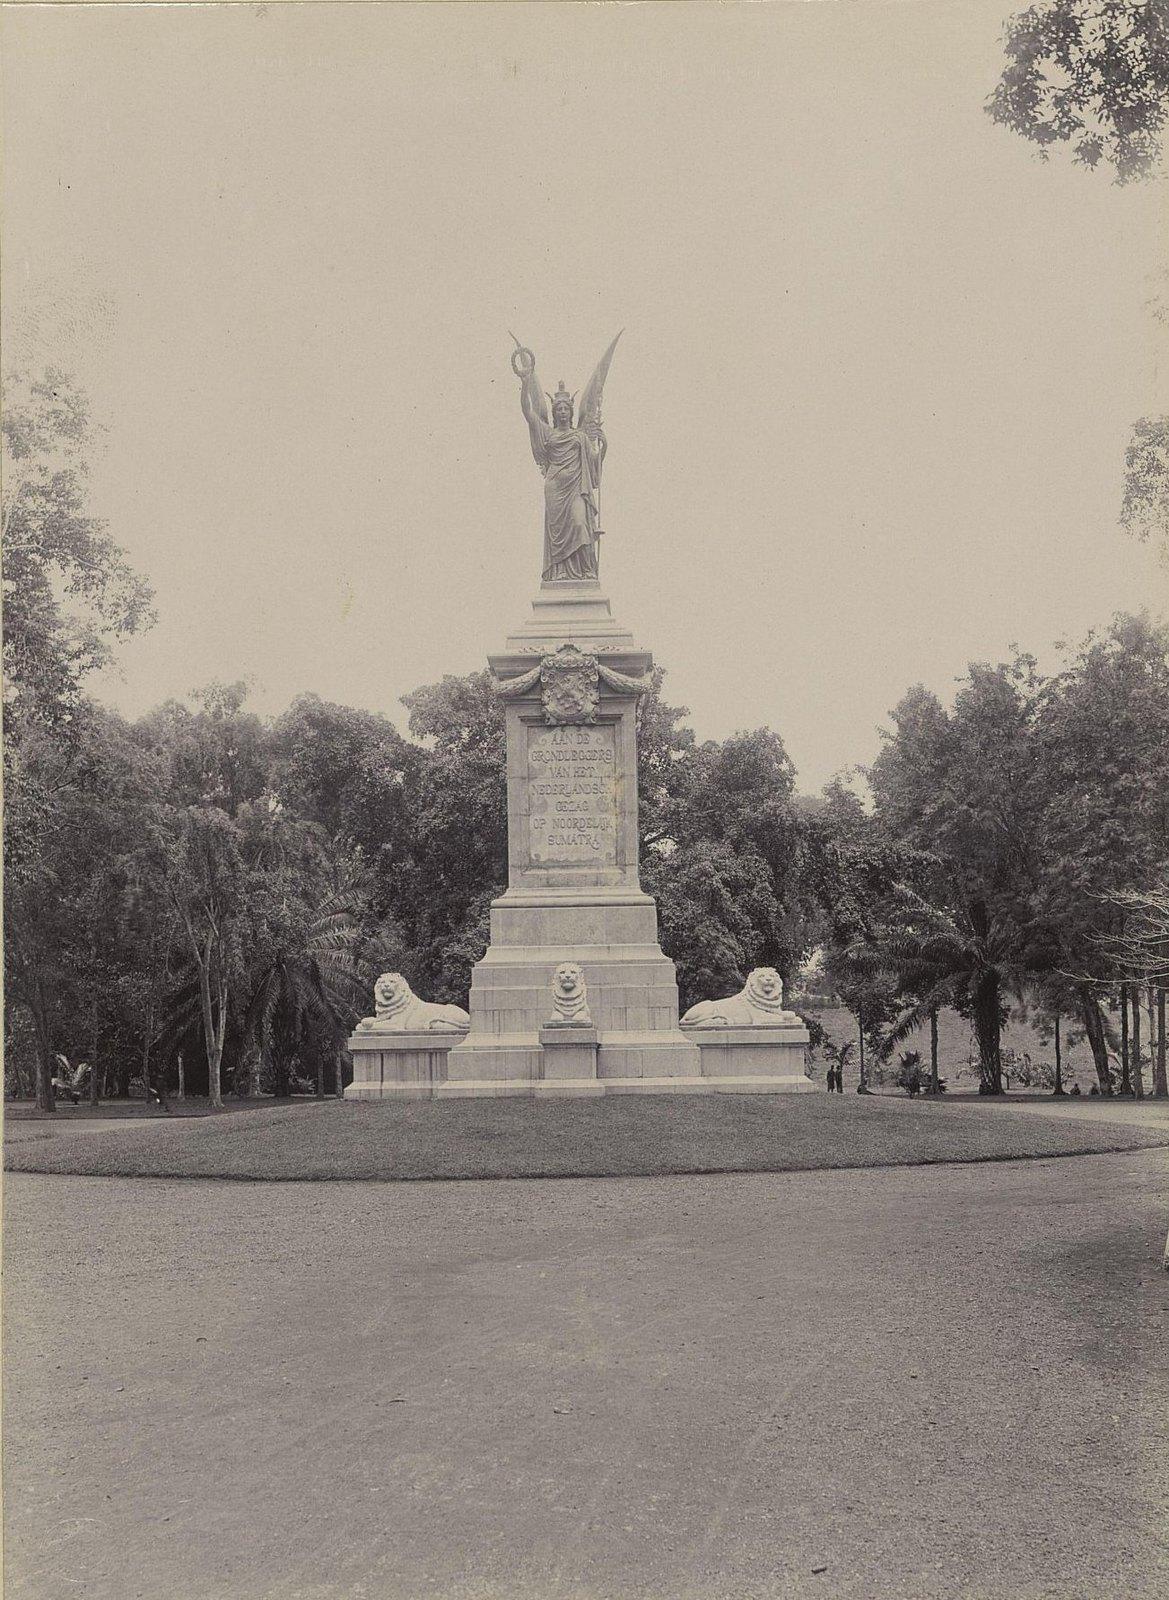 06.Индонезия. Батавия. Памятник в память установления голландского владычества на Северной Суматре